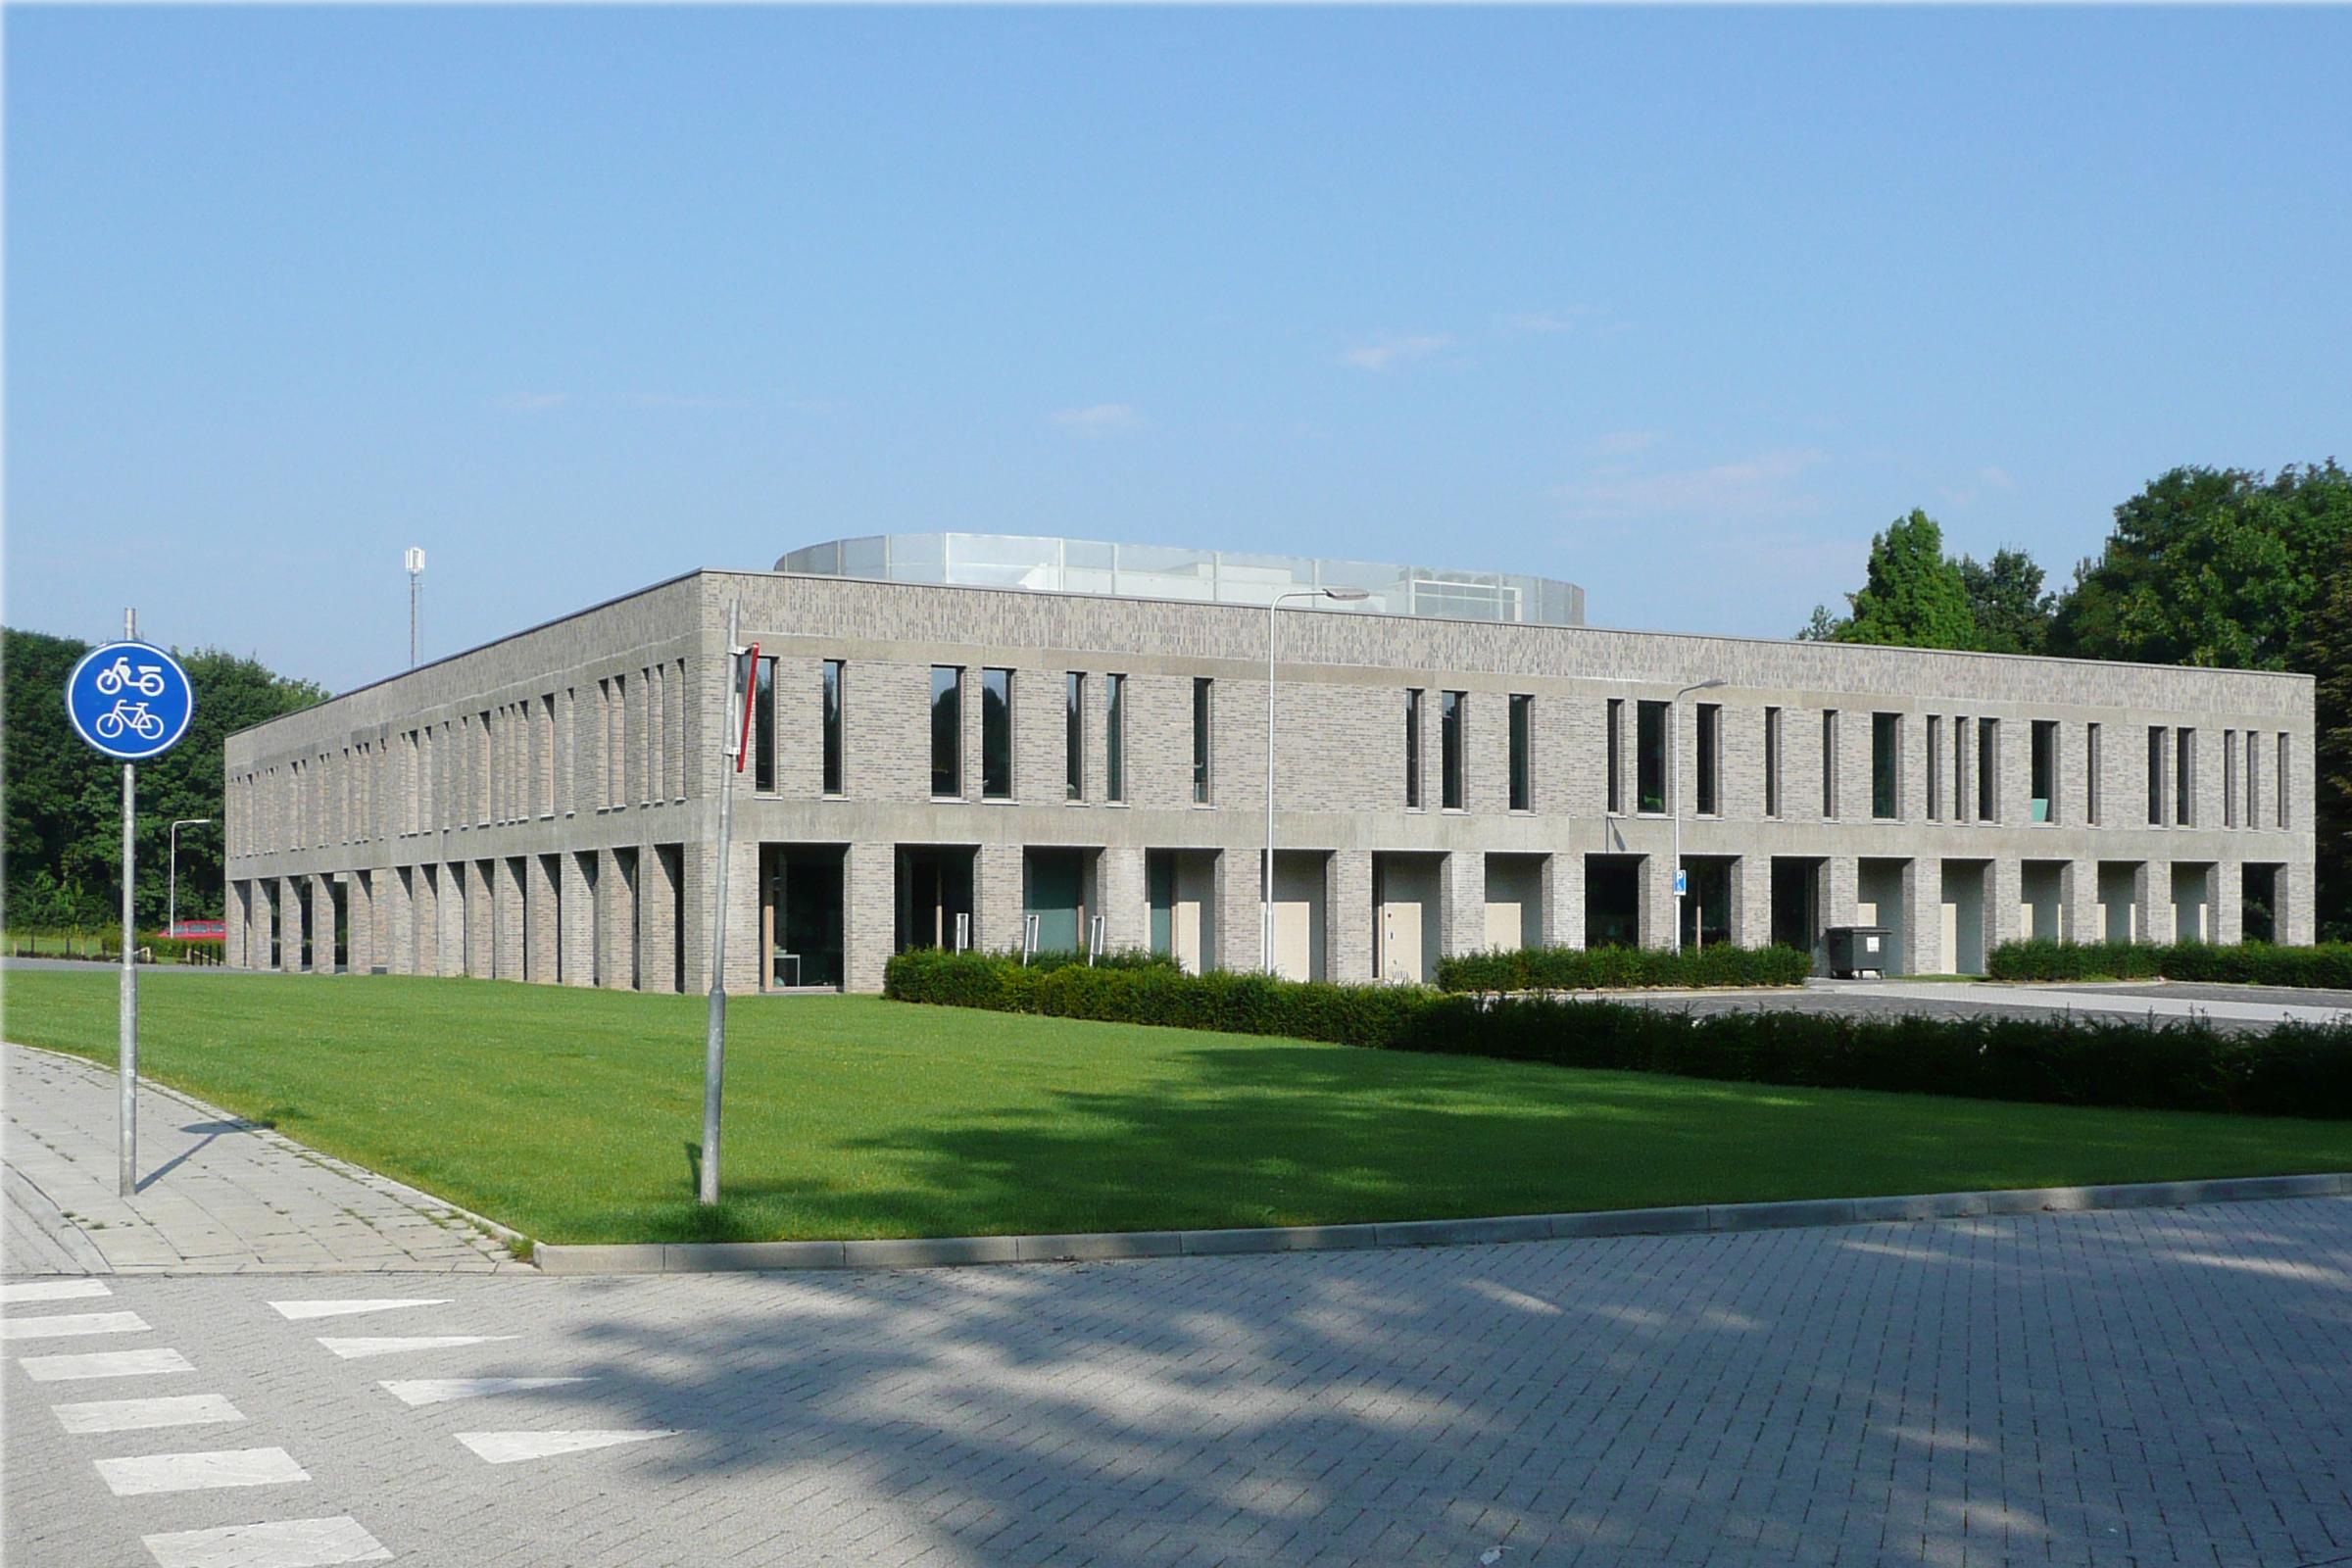 Stein (Limburg)